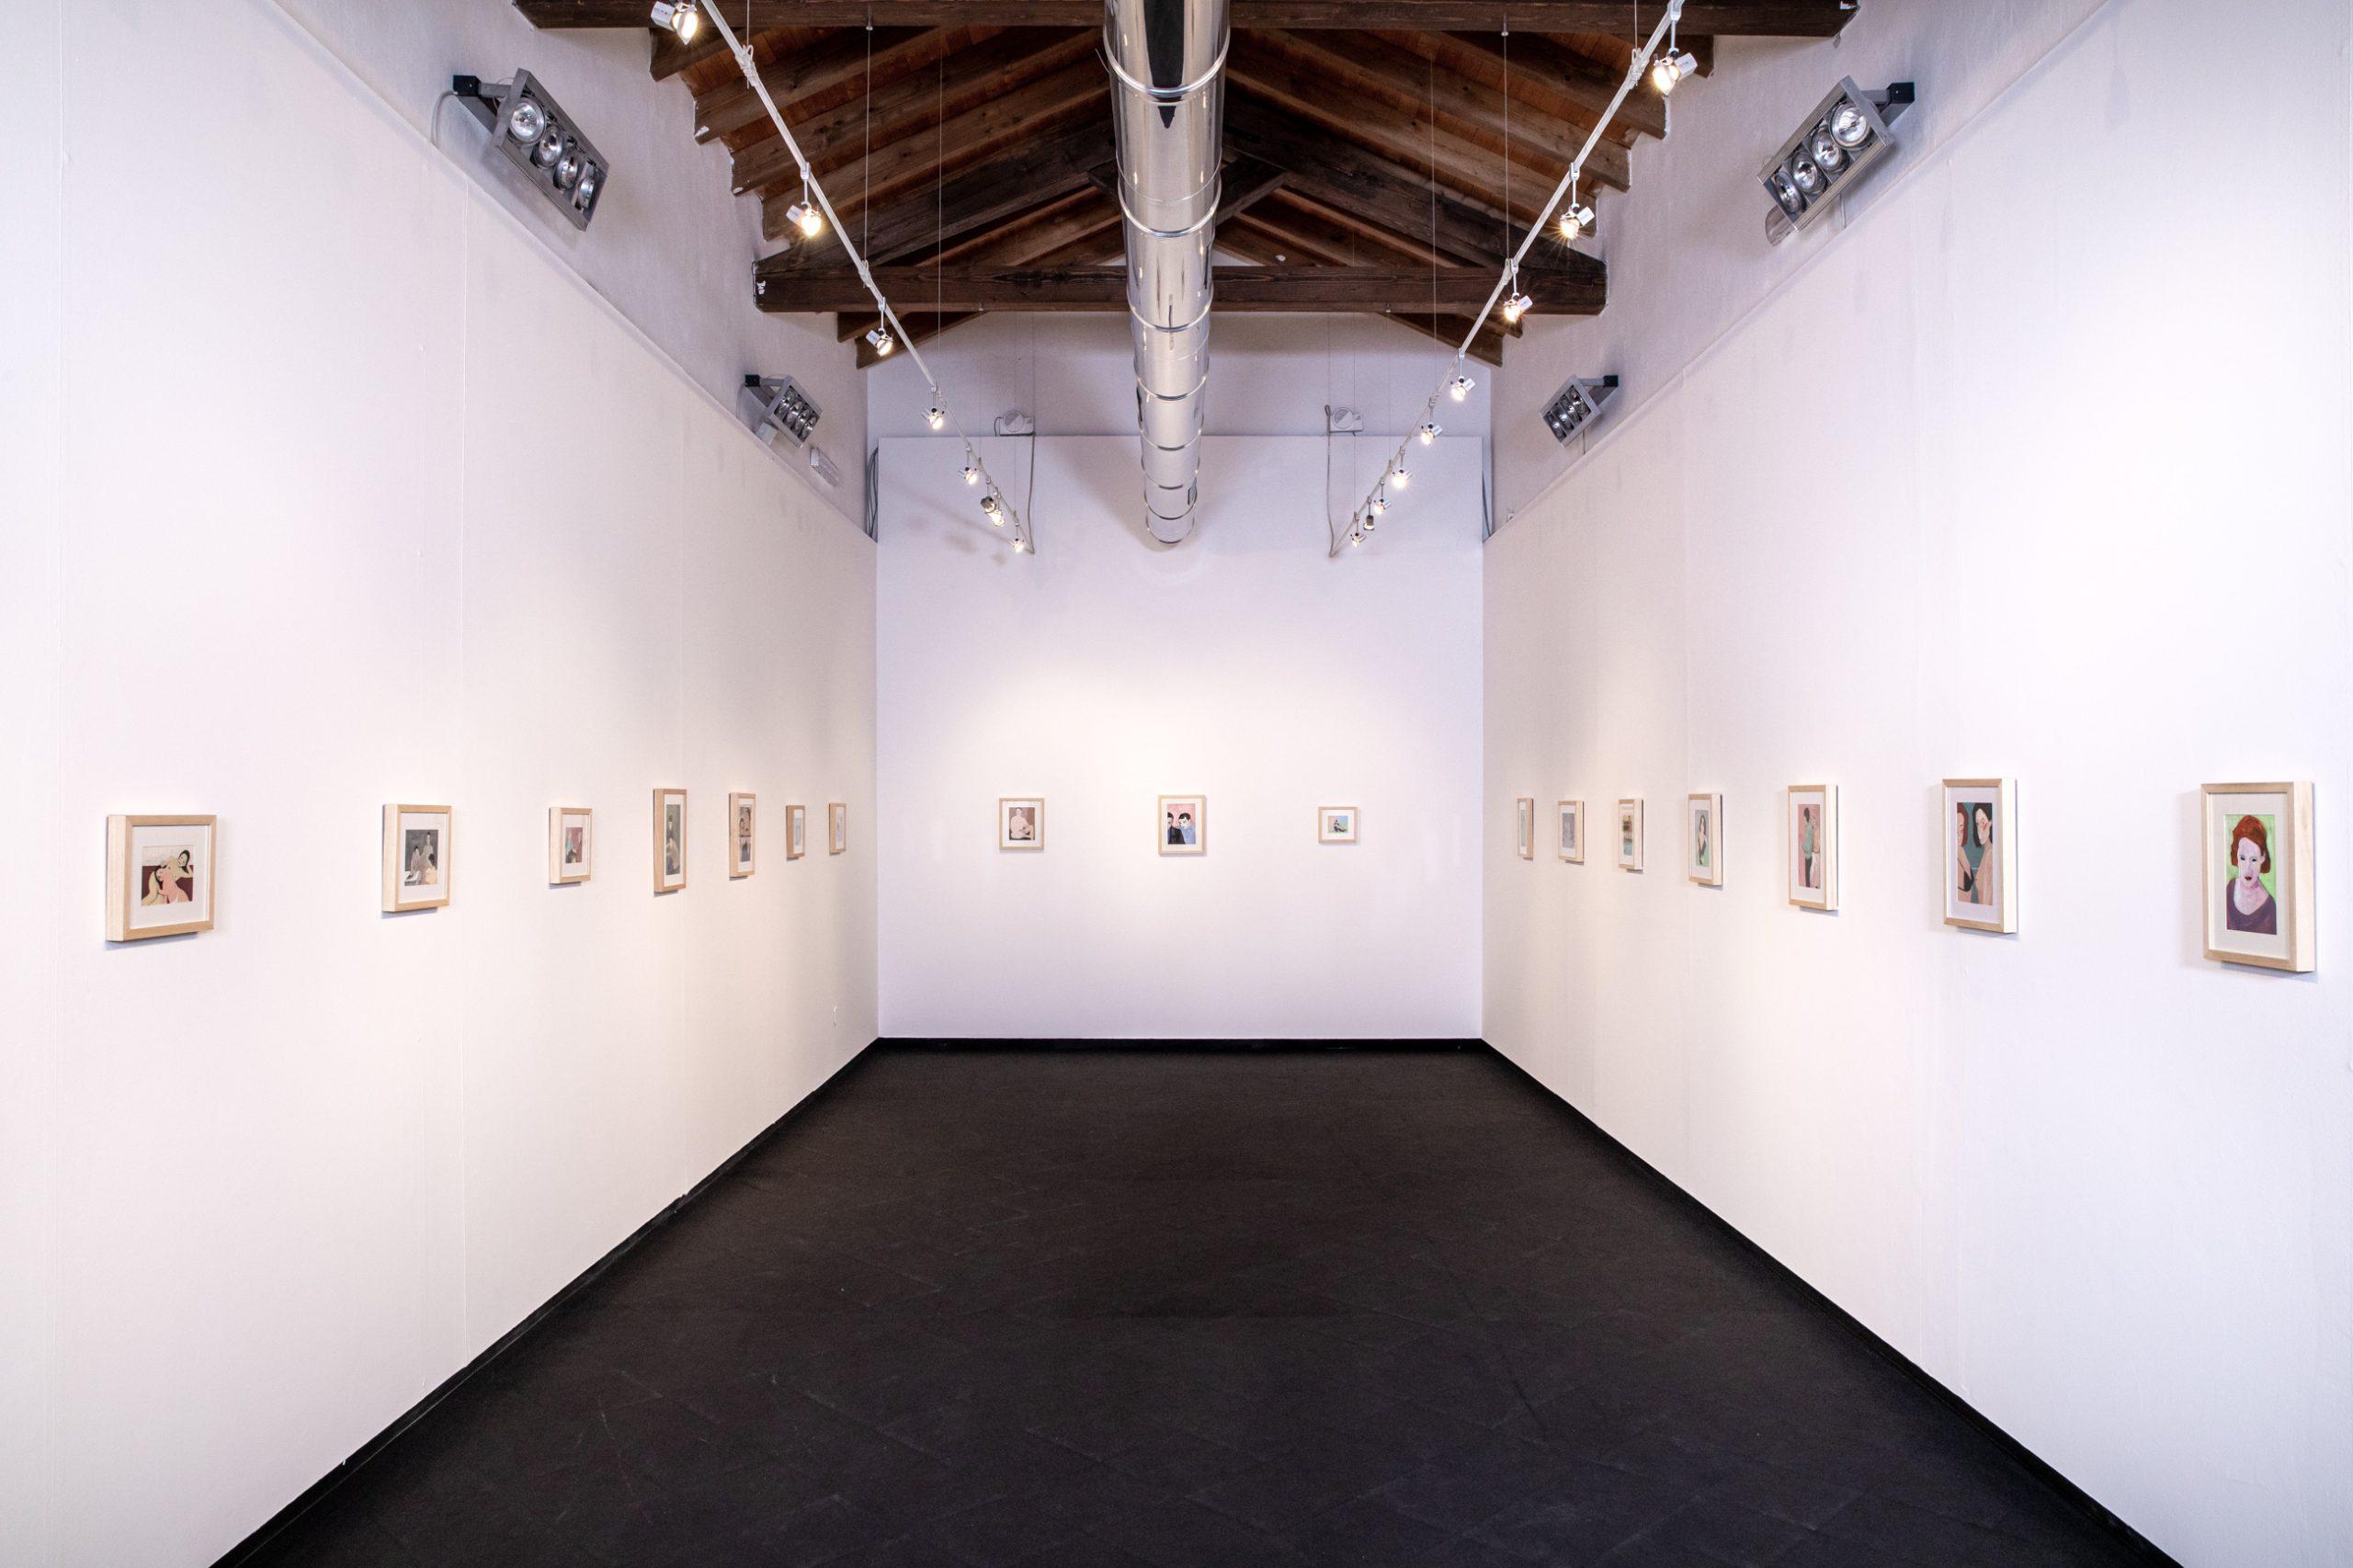 40 Opere di Narcisa Monni alla Stazione dell'Arte riflettono sul lockdown